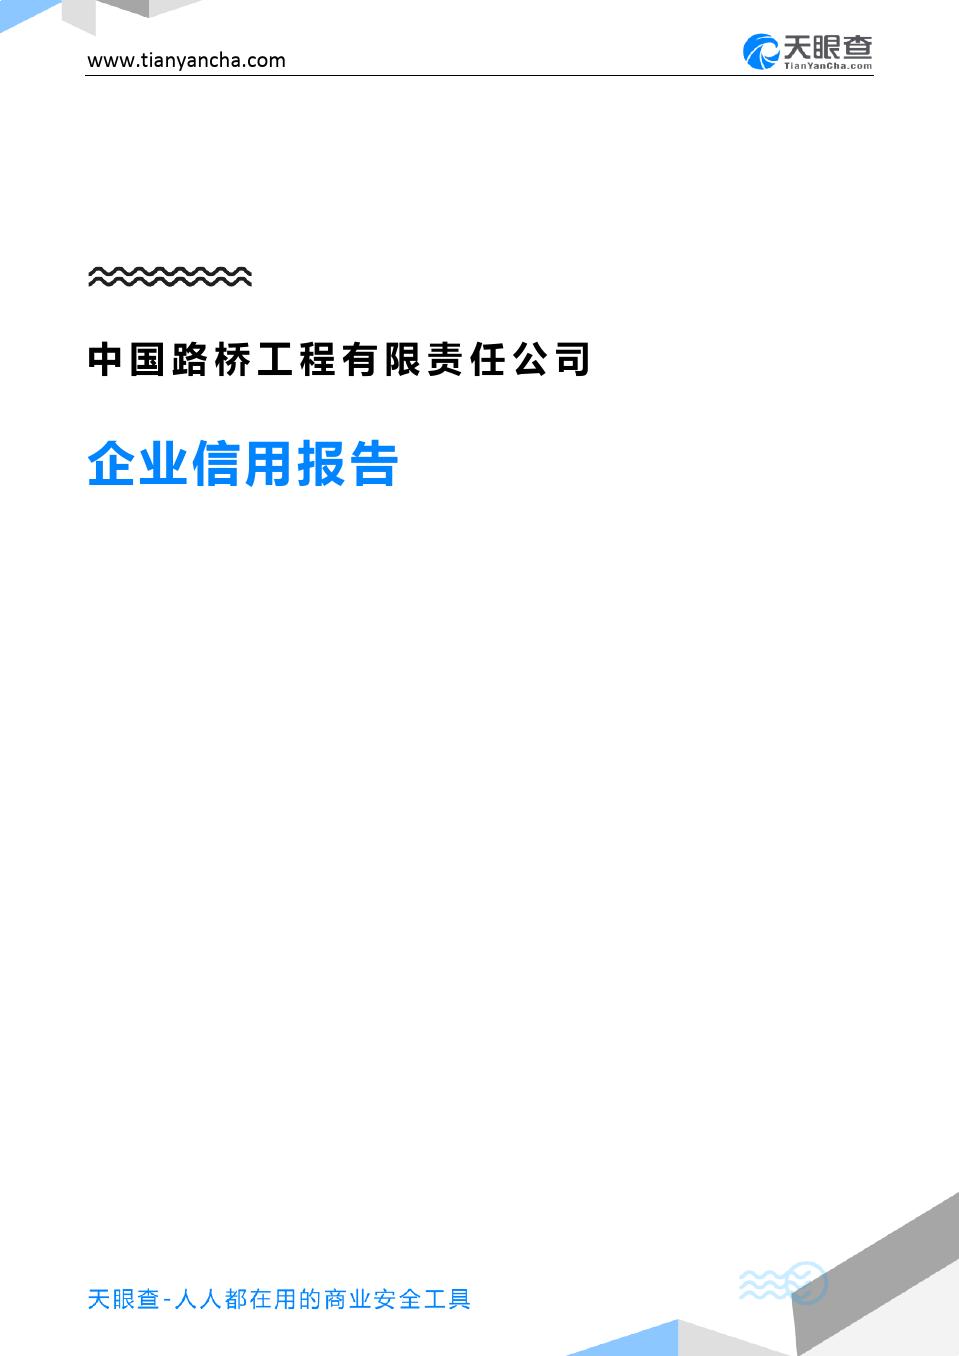 中国路桥工程有限责任公司(企业信用报告)- 天眼查